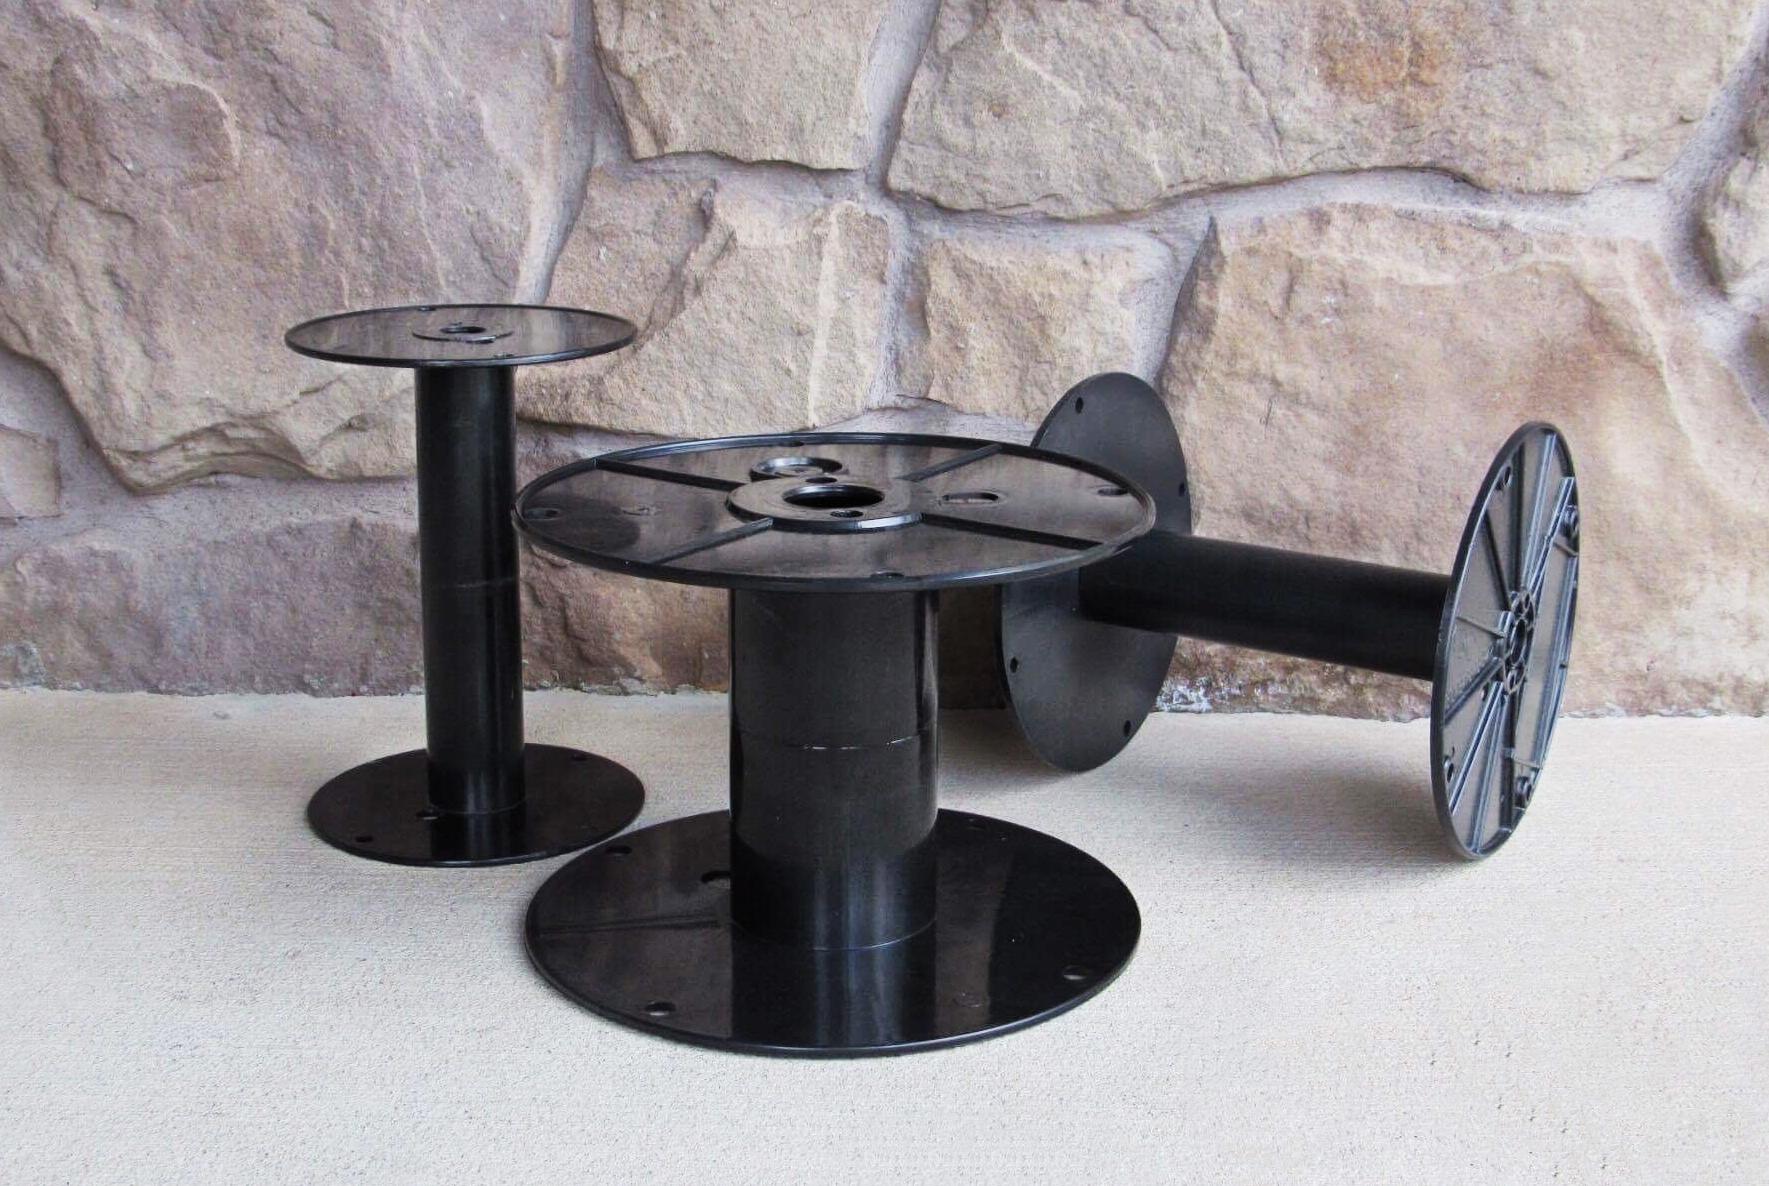 Light Utility Plastic Spools